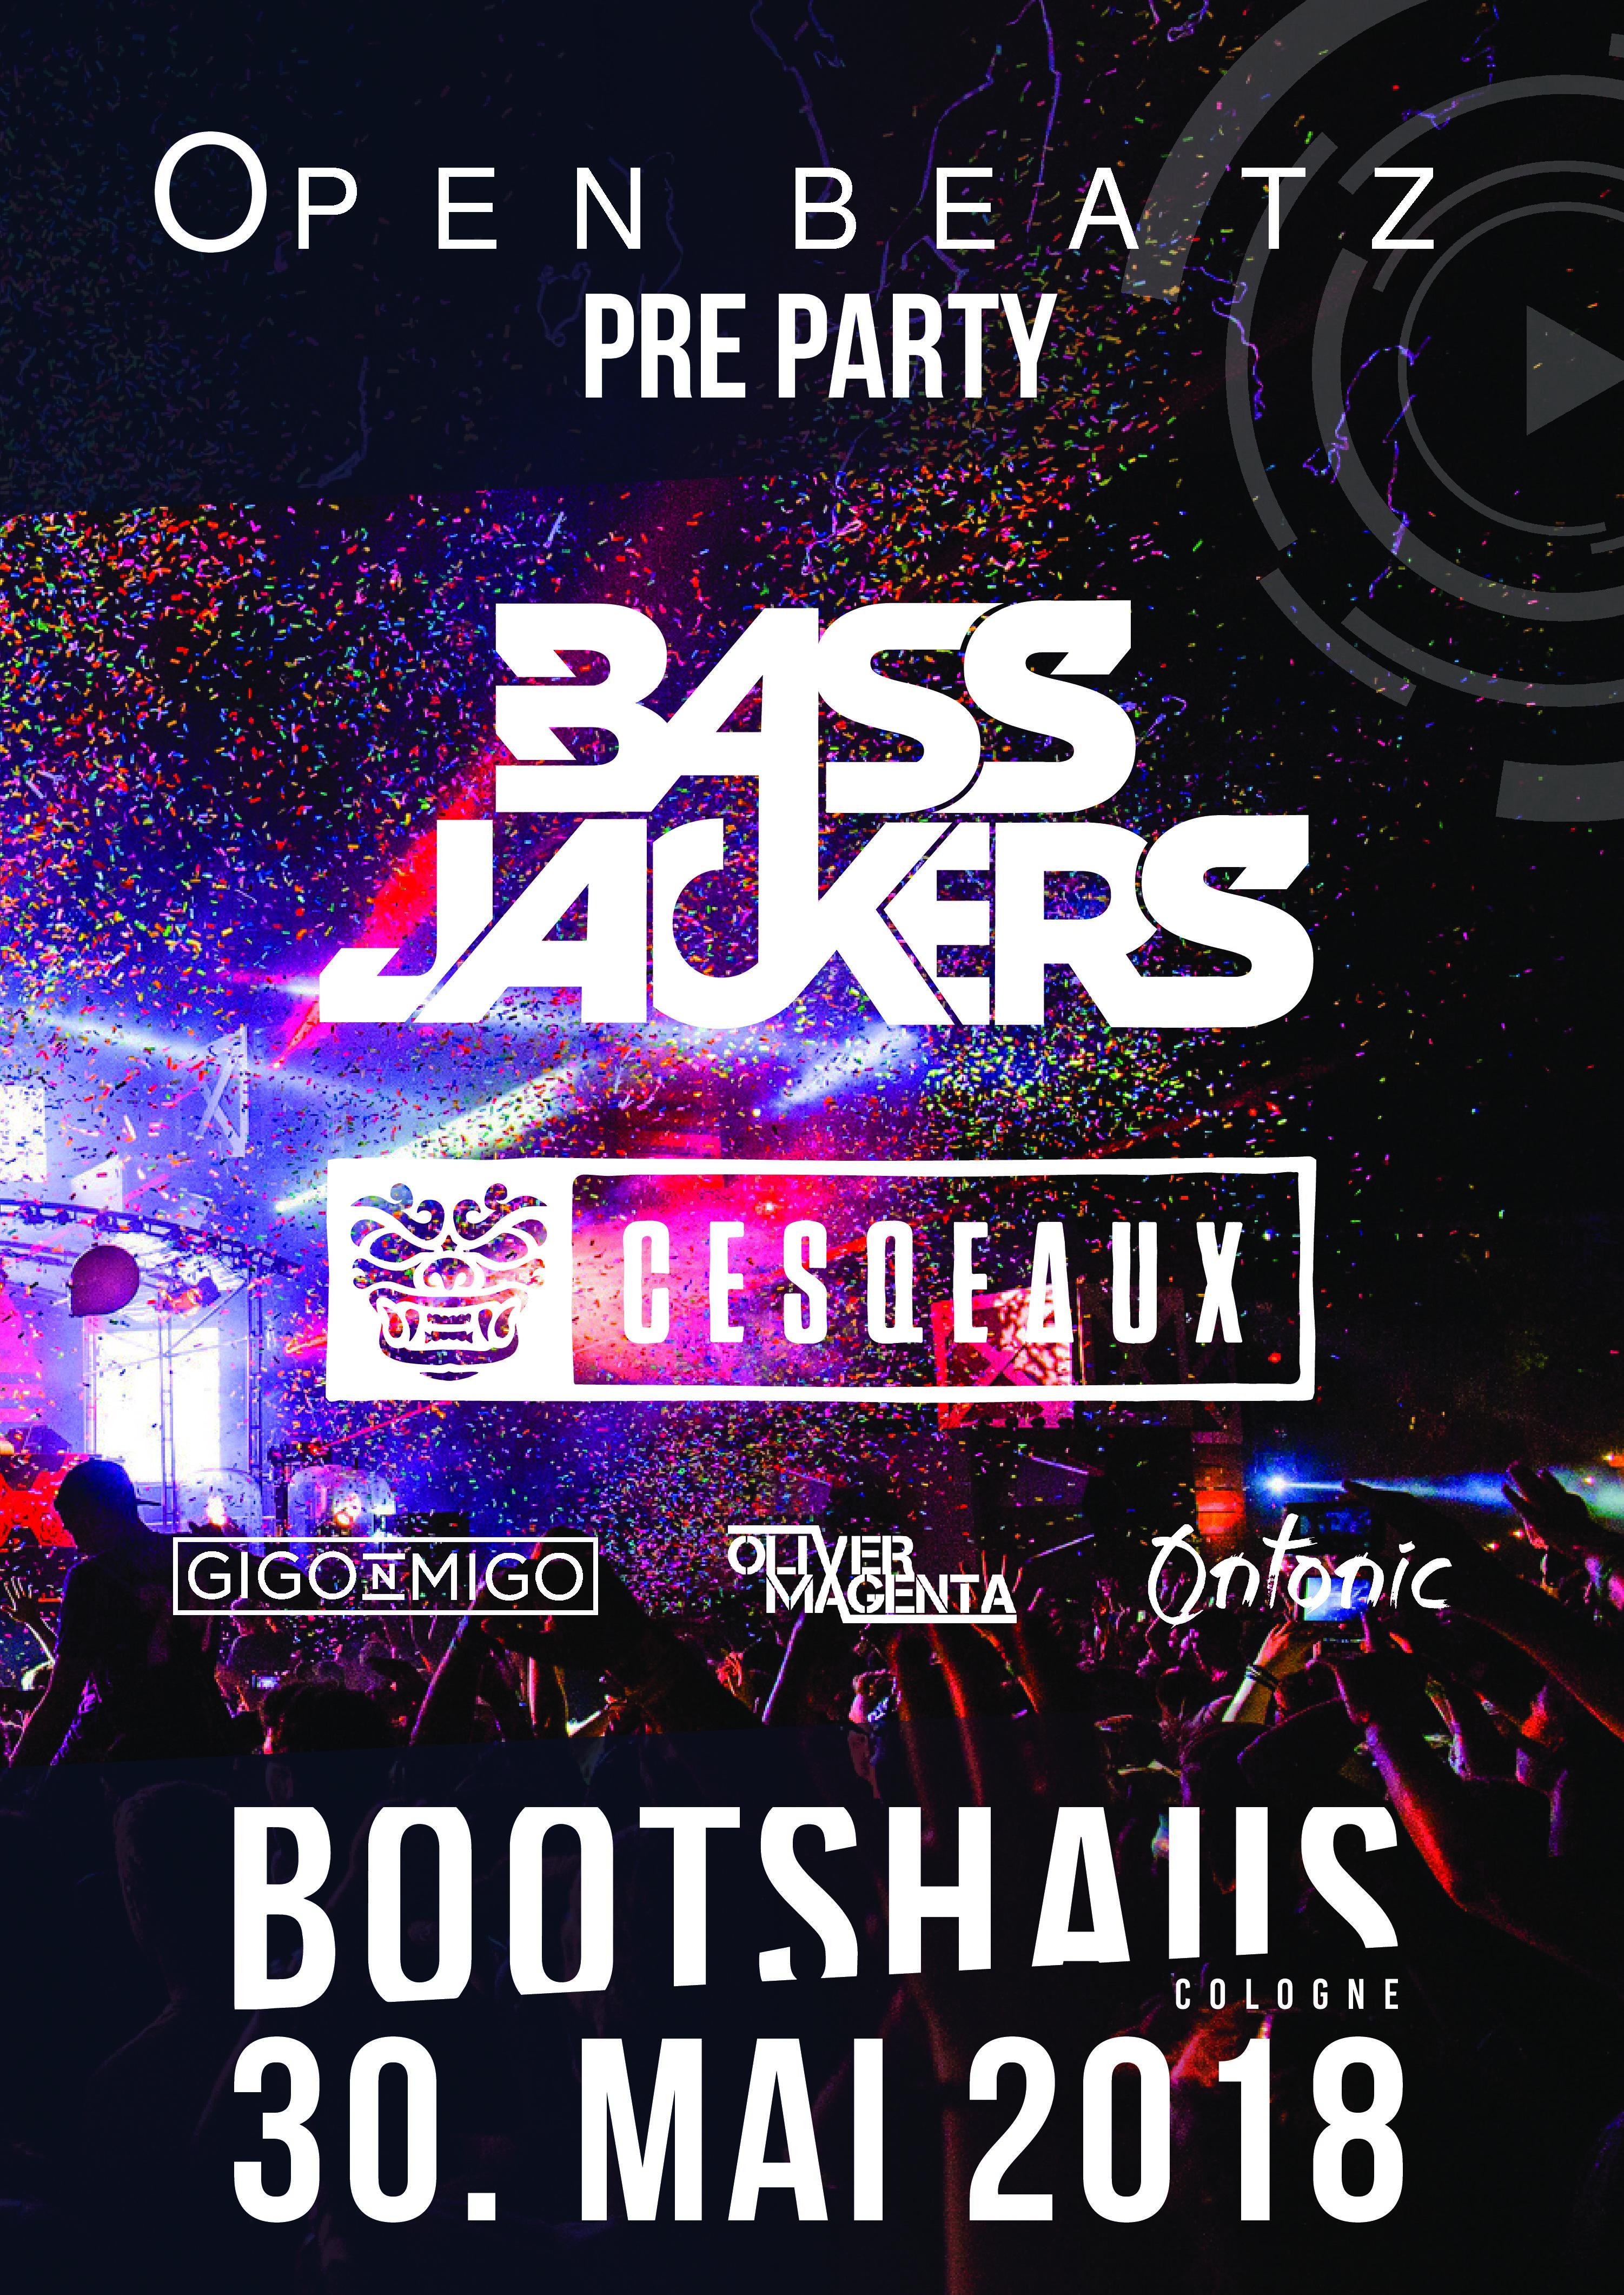 OPEN BEATZ 2018 – Pre Party im Bootshaus Köln mit BASSJACKERS u.a.